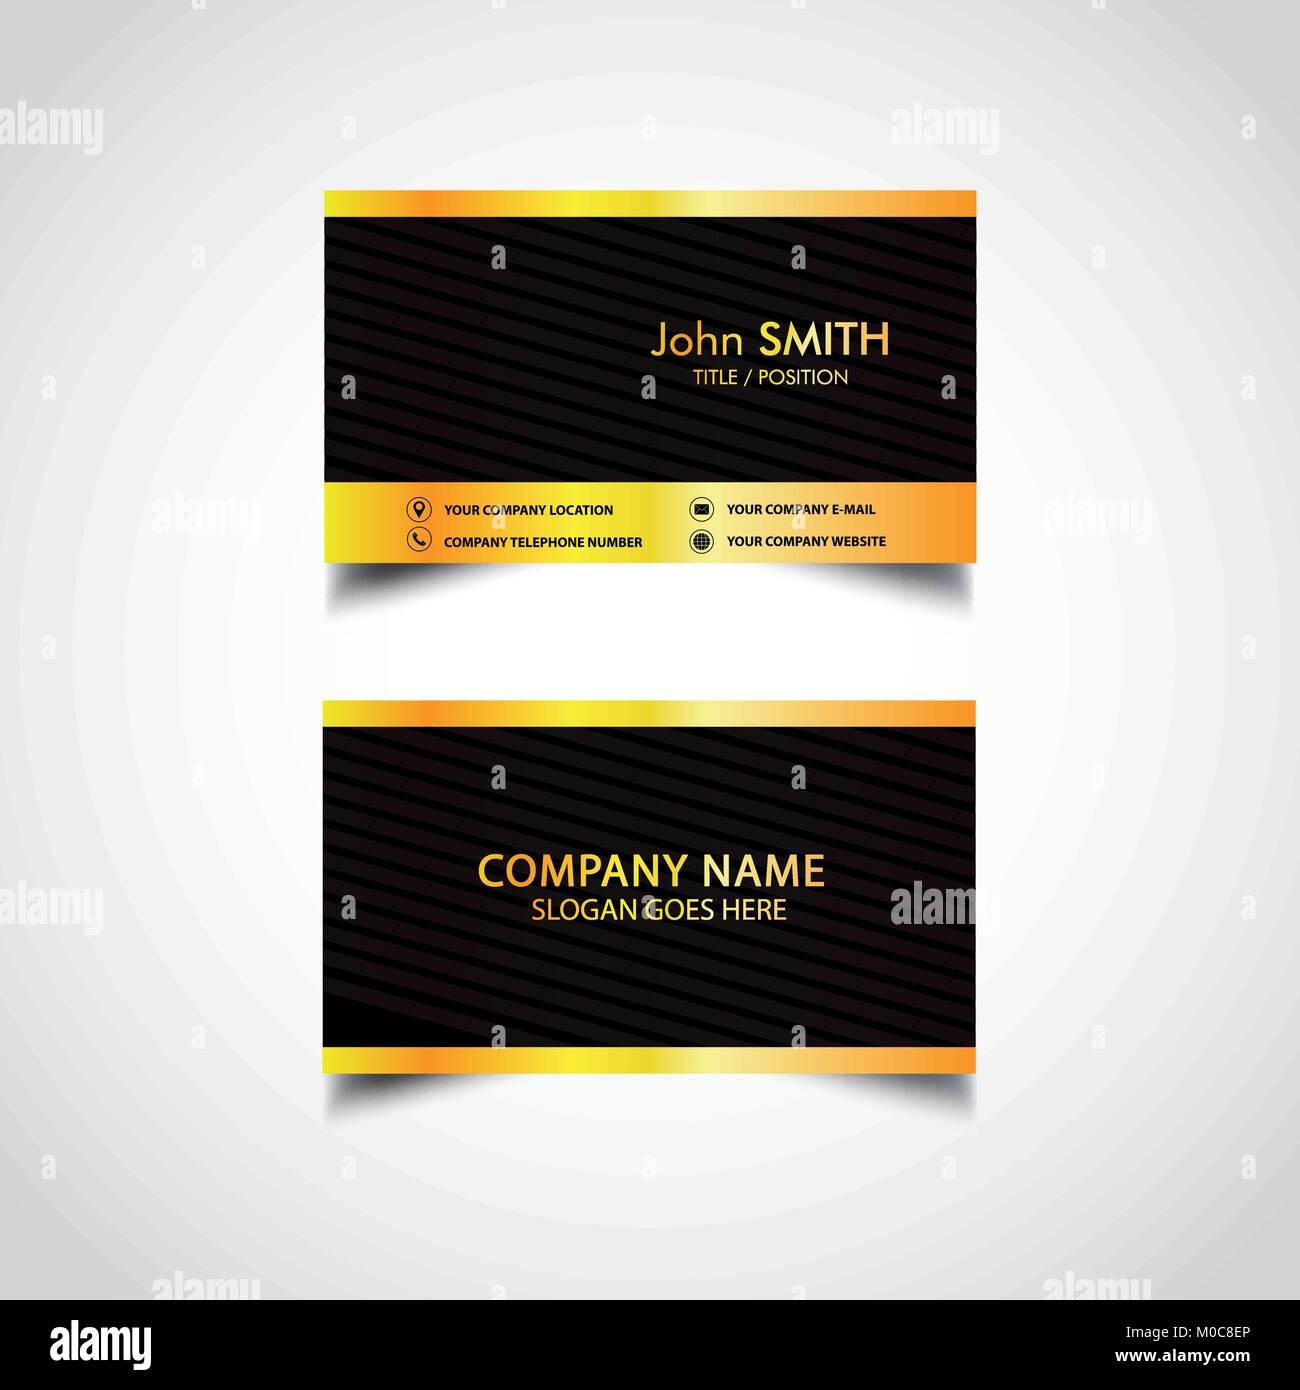 Golden business card template vector illustration eps file stock golden business card template vector illustration eps file colourmoves